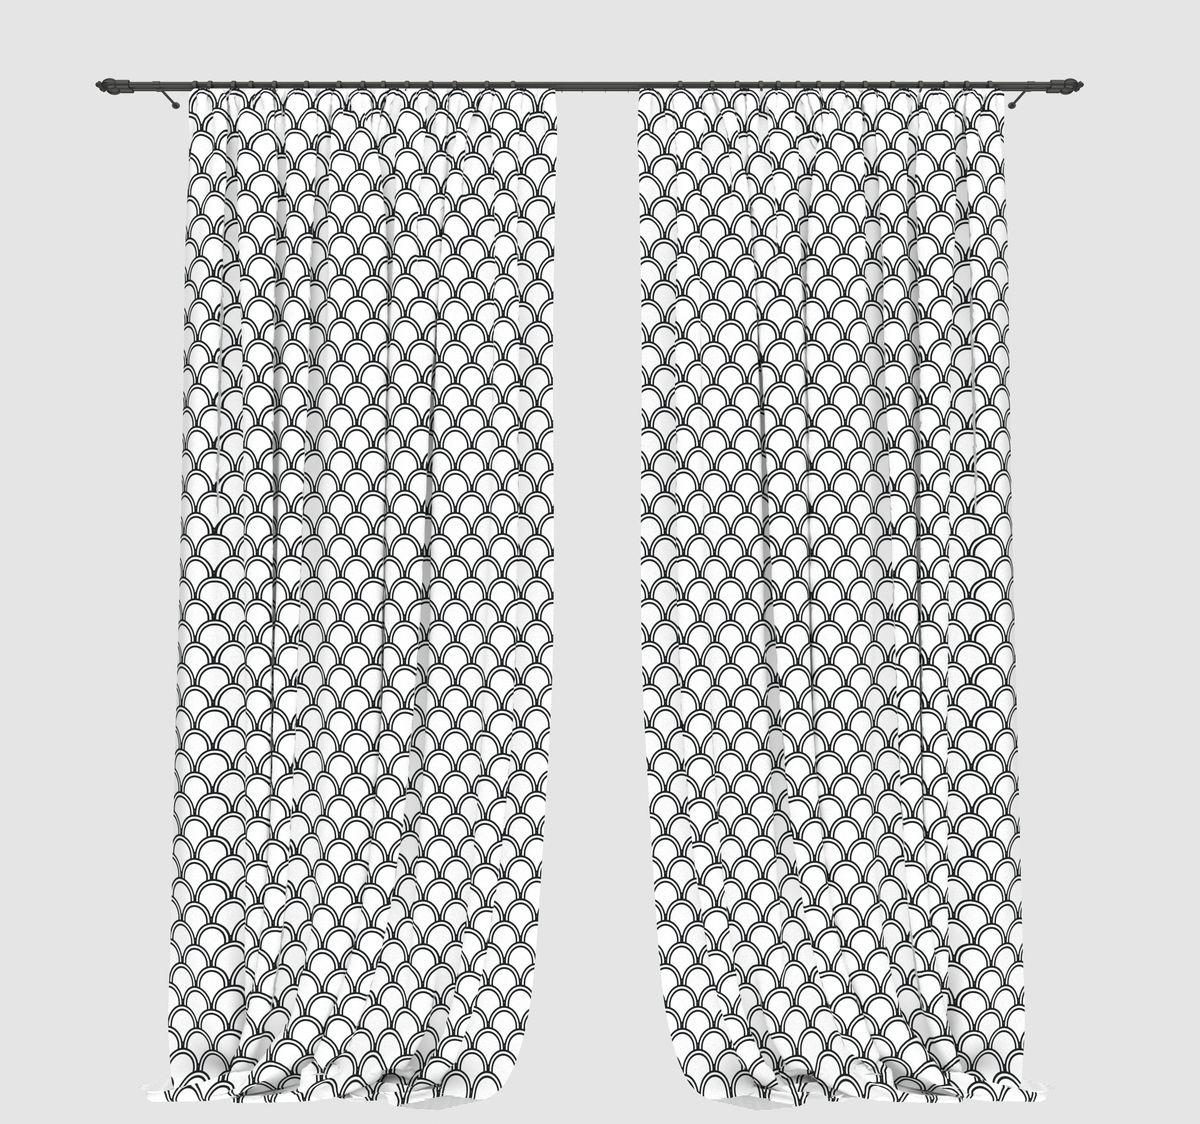 Комплект фотоштор Bellino Home Либра, высота 260 см. 05647-ФШ-ГБ-001шсг_12352Комплект фотоштор BELLINO HOME. Коллекция Китай является стилевым направлением,получившим свое развитие как ветвь стиля рококо. Шинуазри- один из видов ориентализма. Этот стиль начал набирать популярность в начале ХХ века, когда возник спрос на ар-деко. Стиль шинуазри органично впишется в любой интерьер, так как он представляет собой не оригинальный китайский стиль, а скоре европейское представление о Китае. Тема вариации, свобода от условностей, Ваш экспромт от BELLINO HOME. Крепление на карниз при помощи шторной ленты на крючки.В комплекте: Портьера: 2 шт. Размер (ШхВ): 145 см х 260 см. Рекомендации по уходу: стирка при 30 градусах гладить при температуре до 150 градусов Изображение на мониторе может немного отличаться от реального.